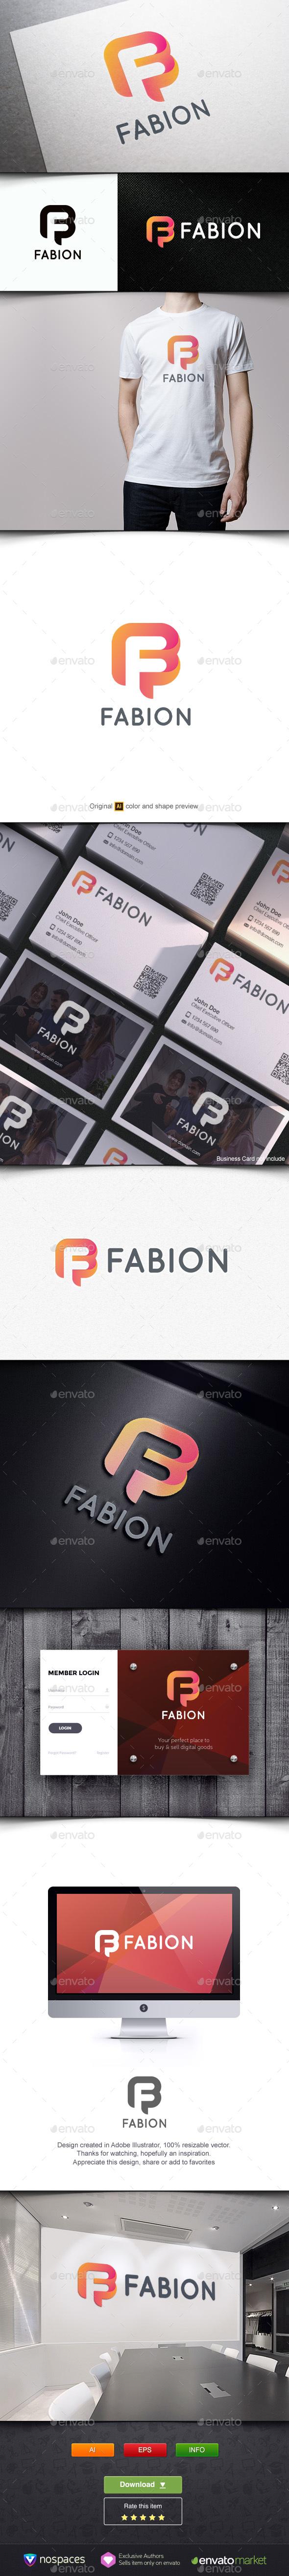 GraphicRiver Fabion 20229699